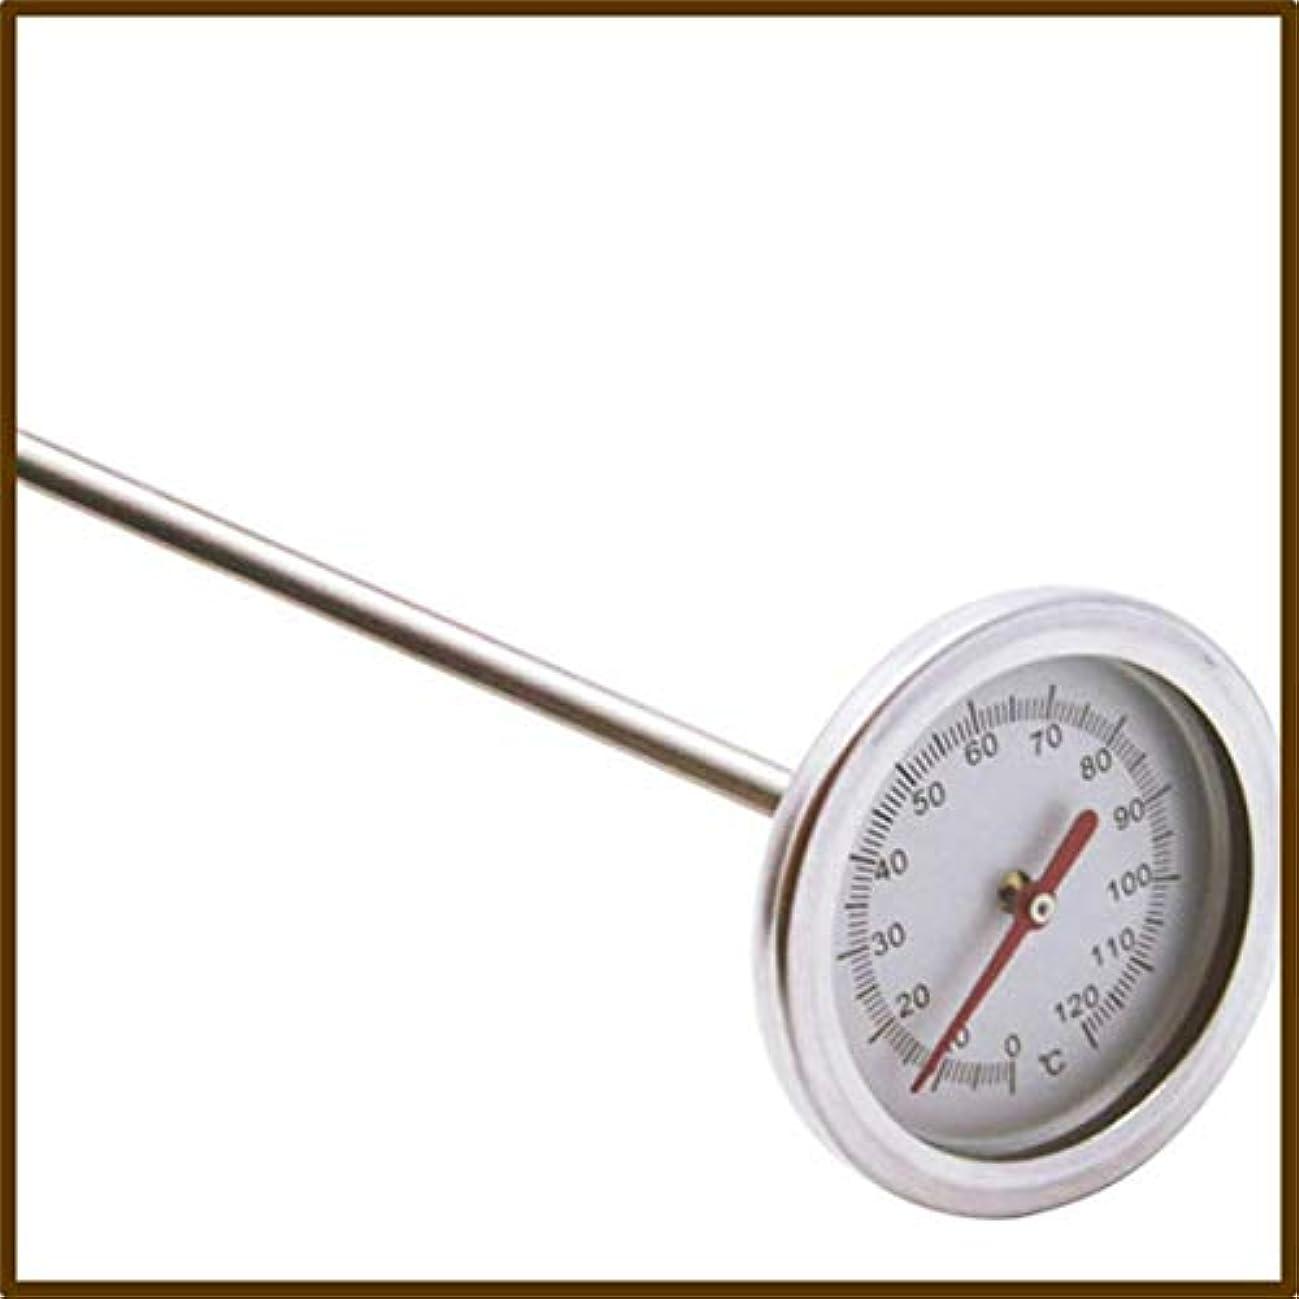 Saikogoods 20インチ50cmの長さ 0℃-120℃ 堆肥の土壌温度計 プローブ検出器の測定プレミアム食品グレードステンレススチール メタル 銀